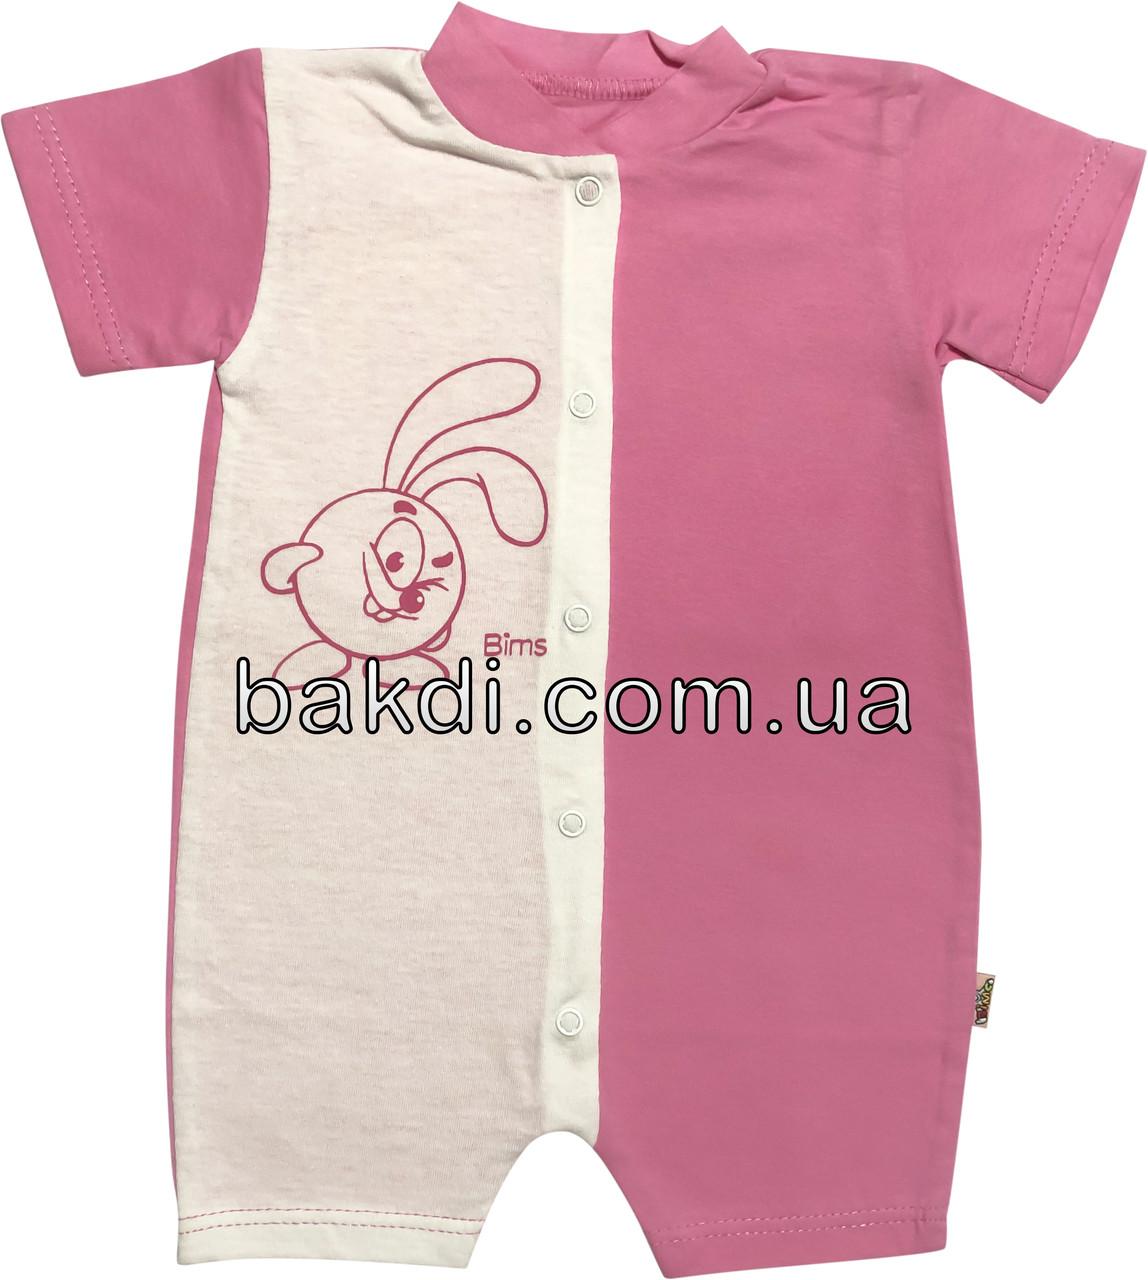 Детский летний тонкий песочник рост 62 2-3 мес хлопковый кулир розовый на девочку ромпер для новорожденных малышей Р530